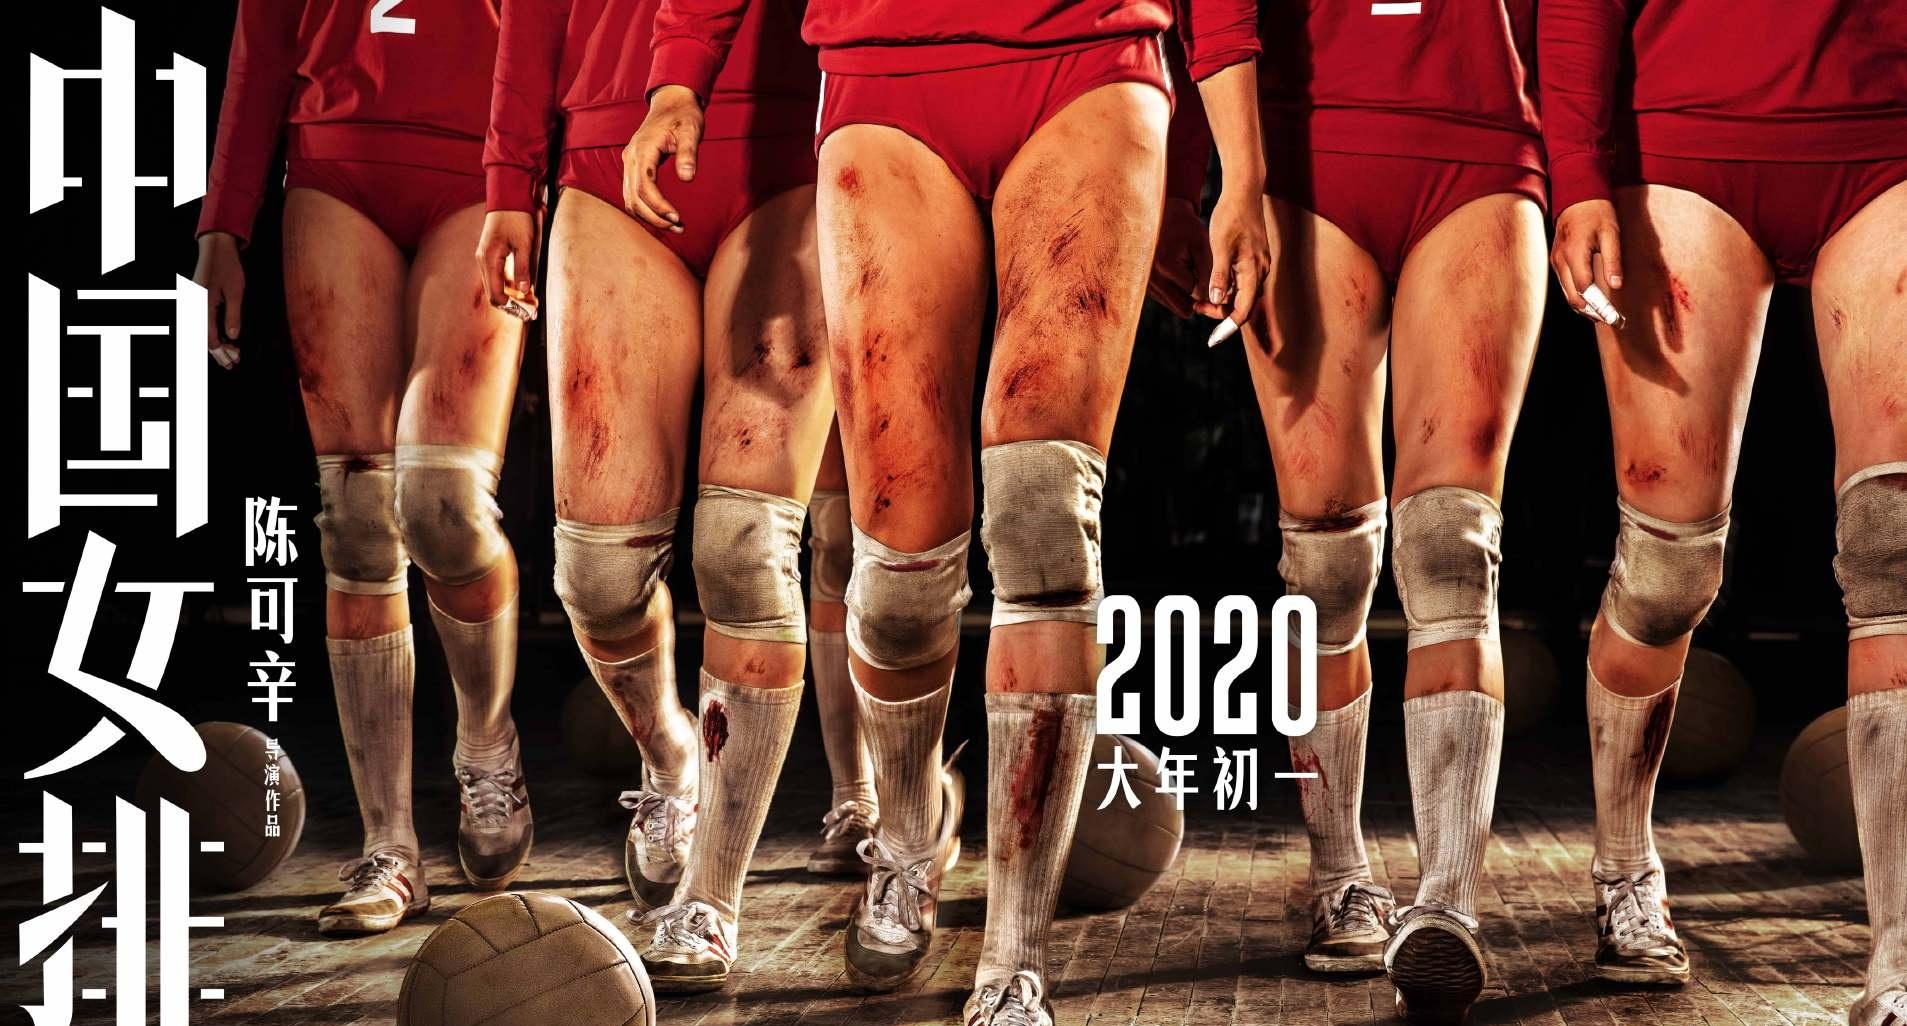 中国女排发预告片,巩俐饰演郎平,被本人惊呼好熟悉